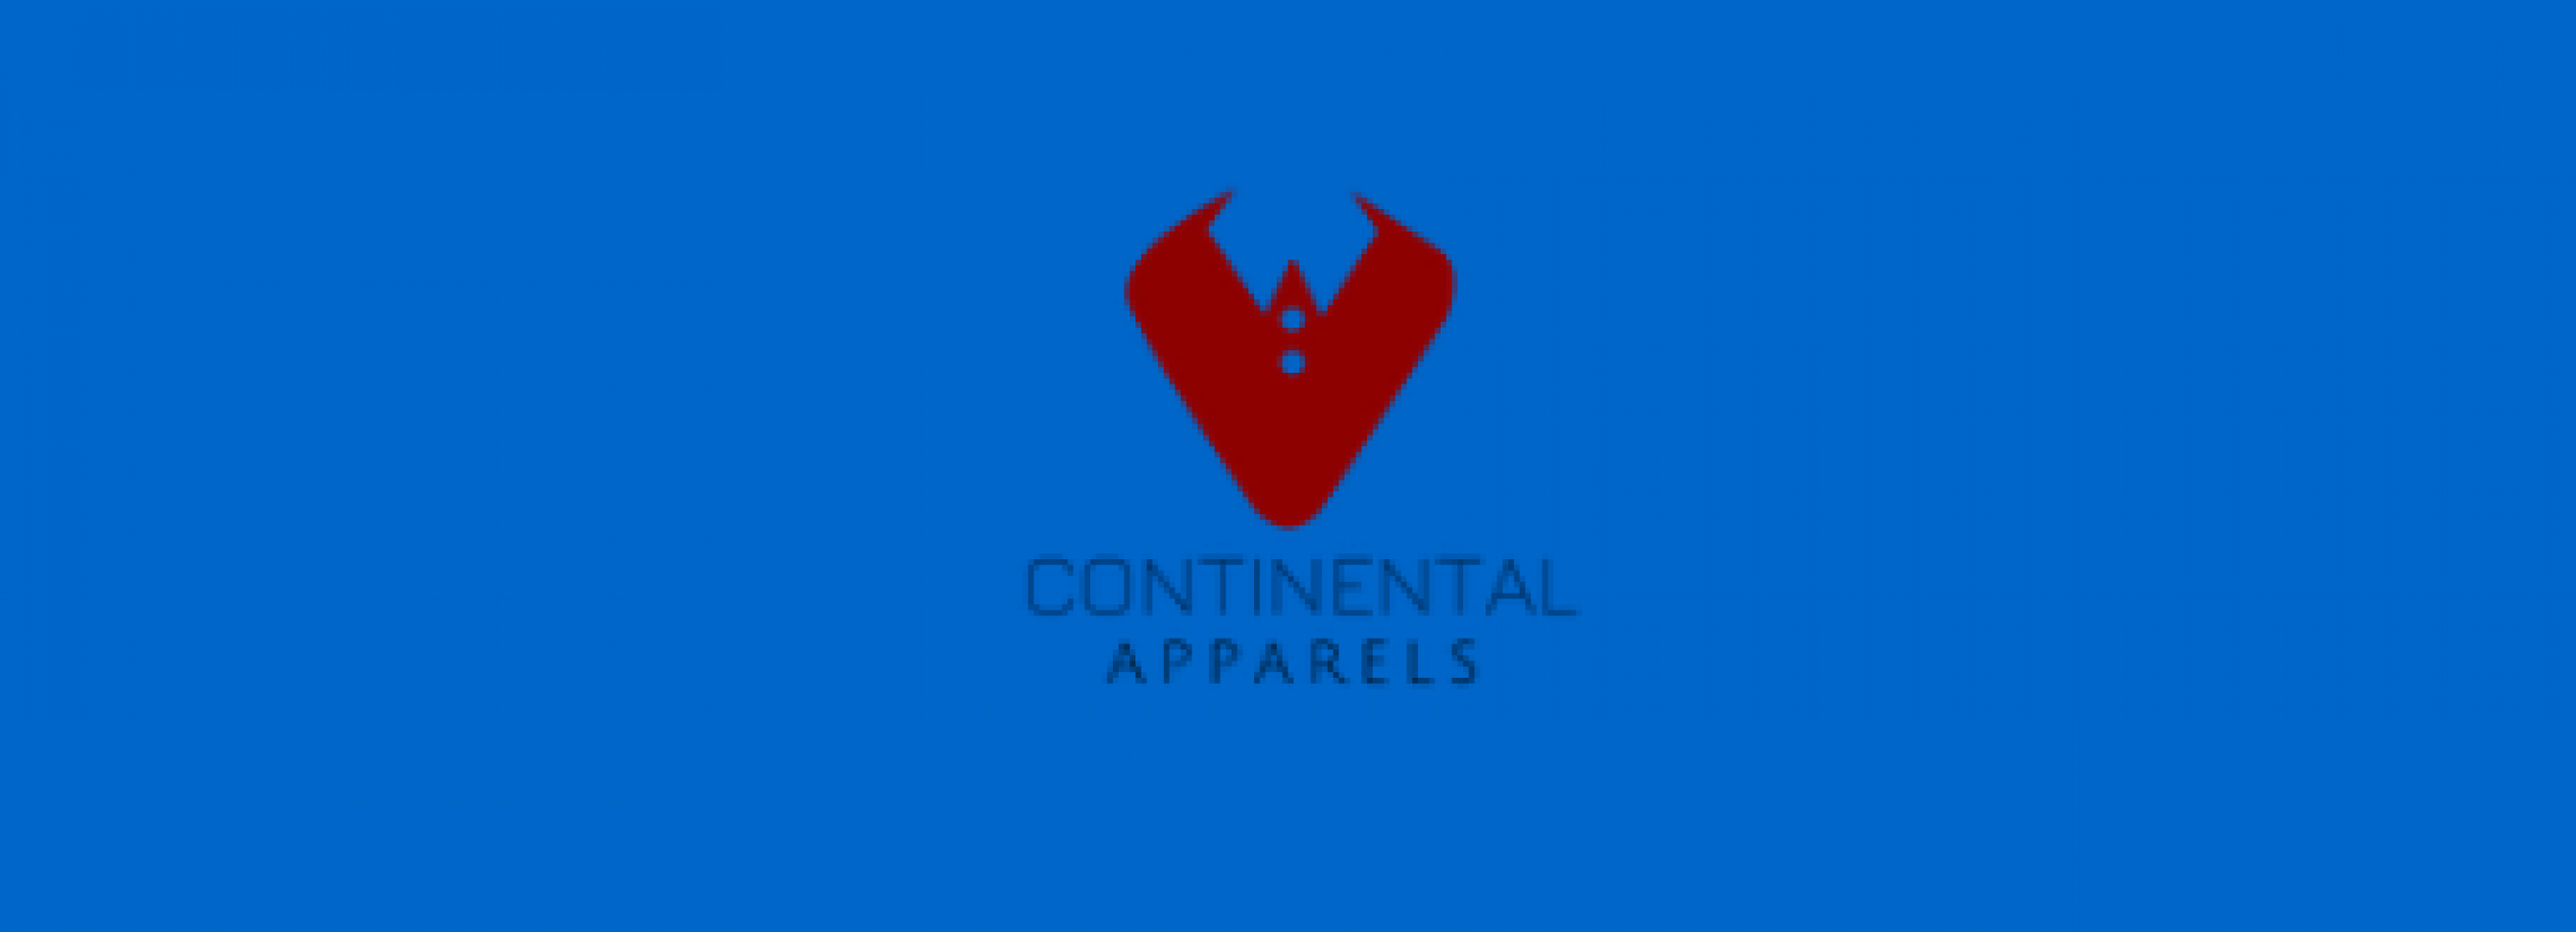 Continental Apparels